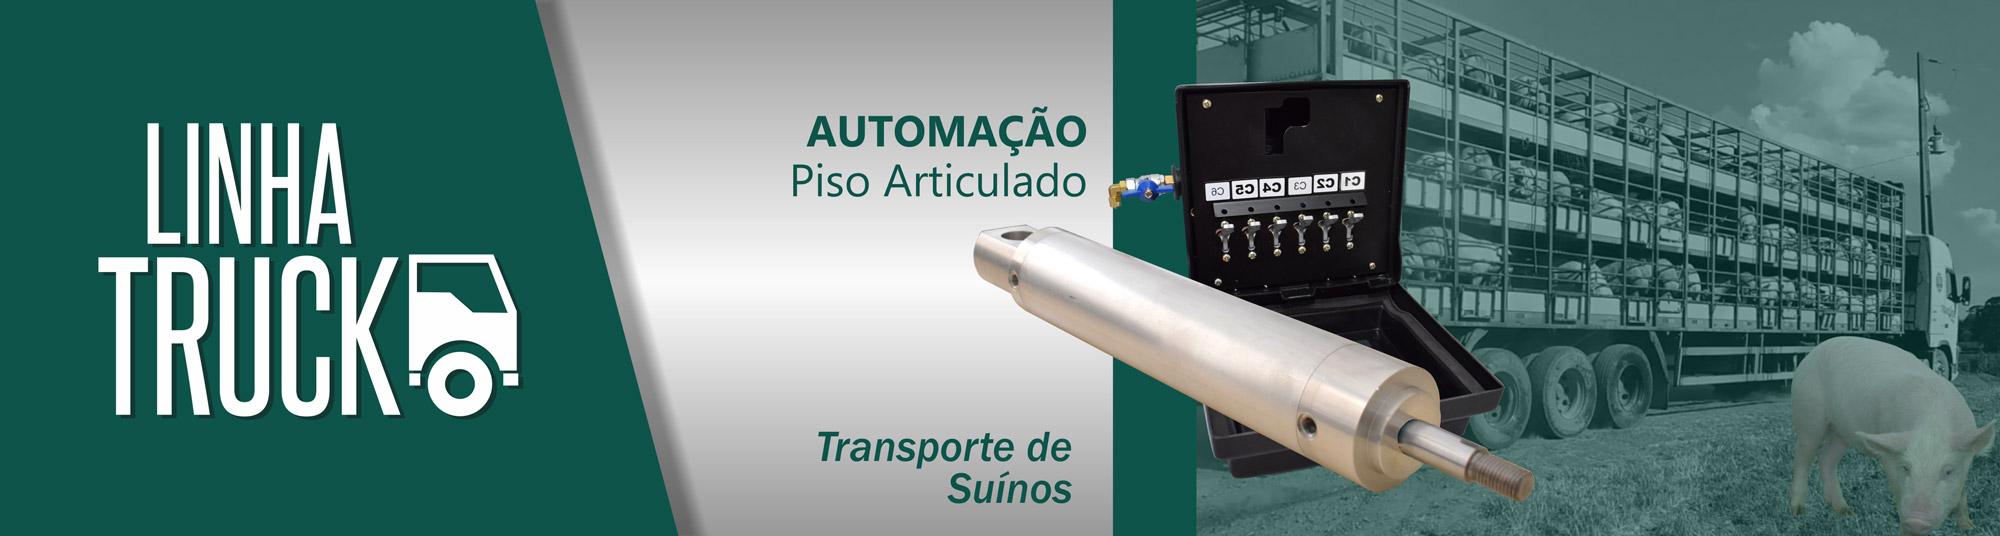 banner-Automação-para-Piso-Articulado-Carrocerias-de-Suínos